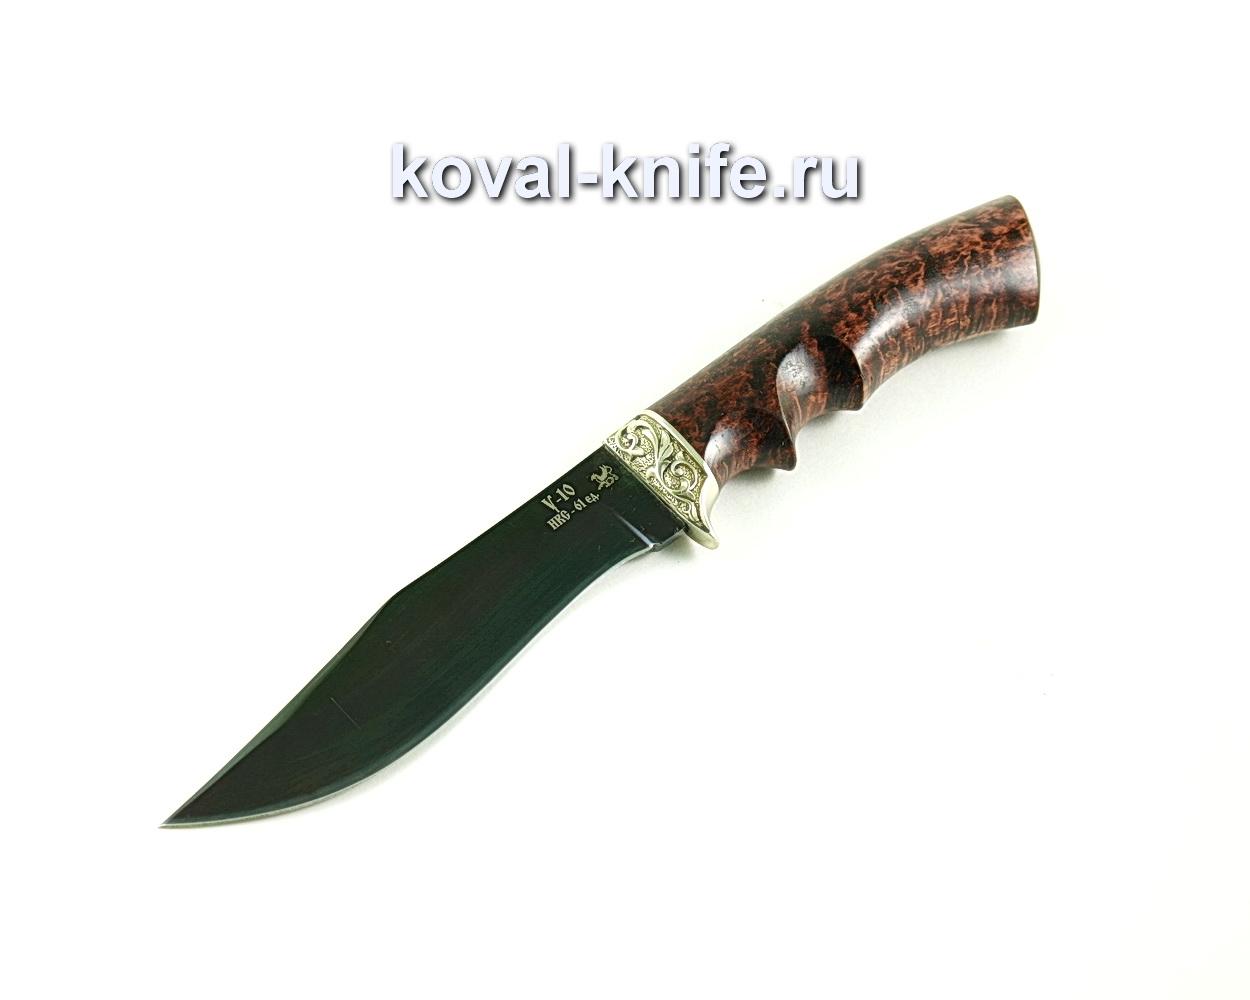 Нож Охотничий (сталь У10), рукоять карельская береза, литье A296